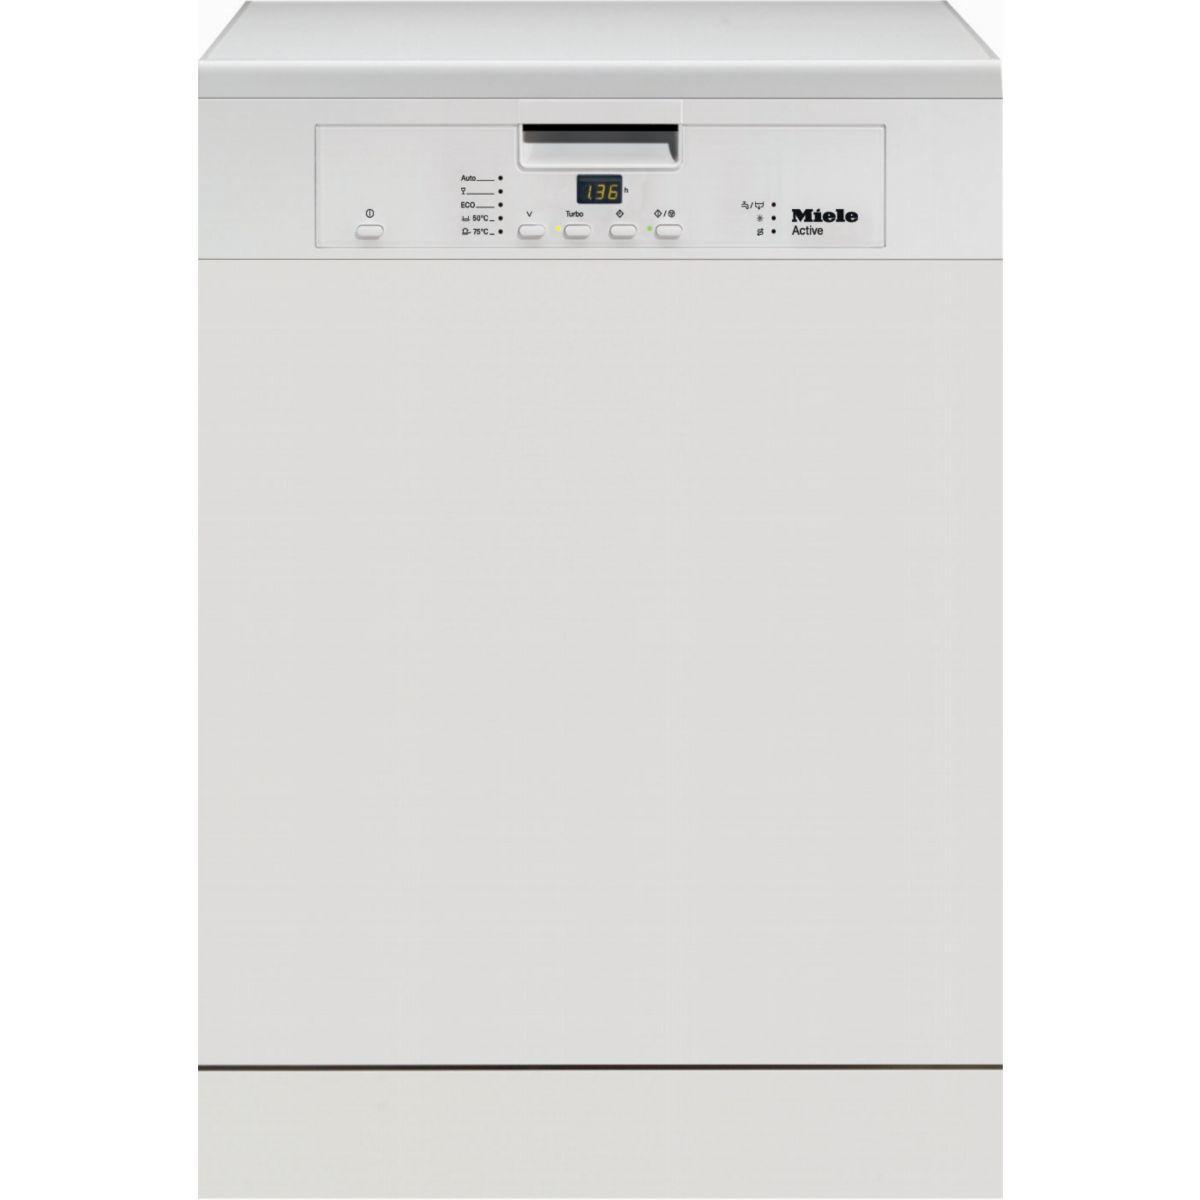 Lave vaisselle 60 cm miele g 4202 - livraison offerte : code livprem